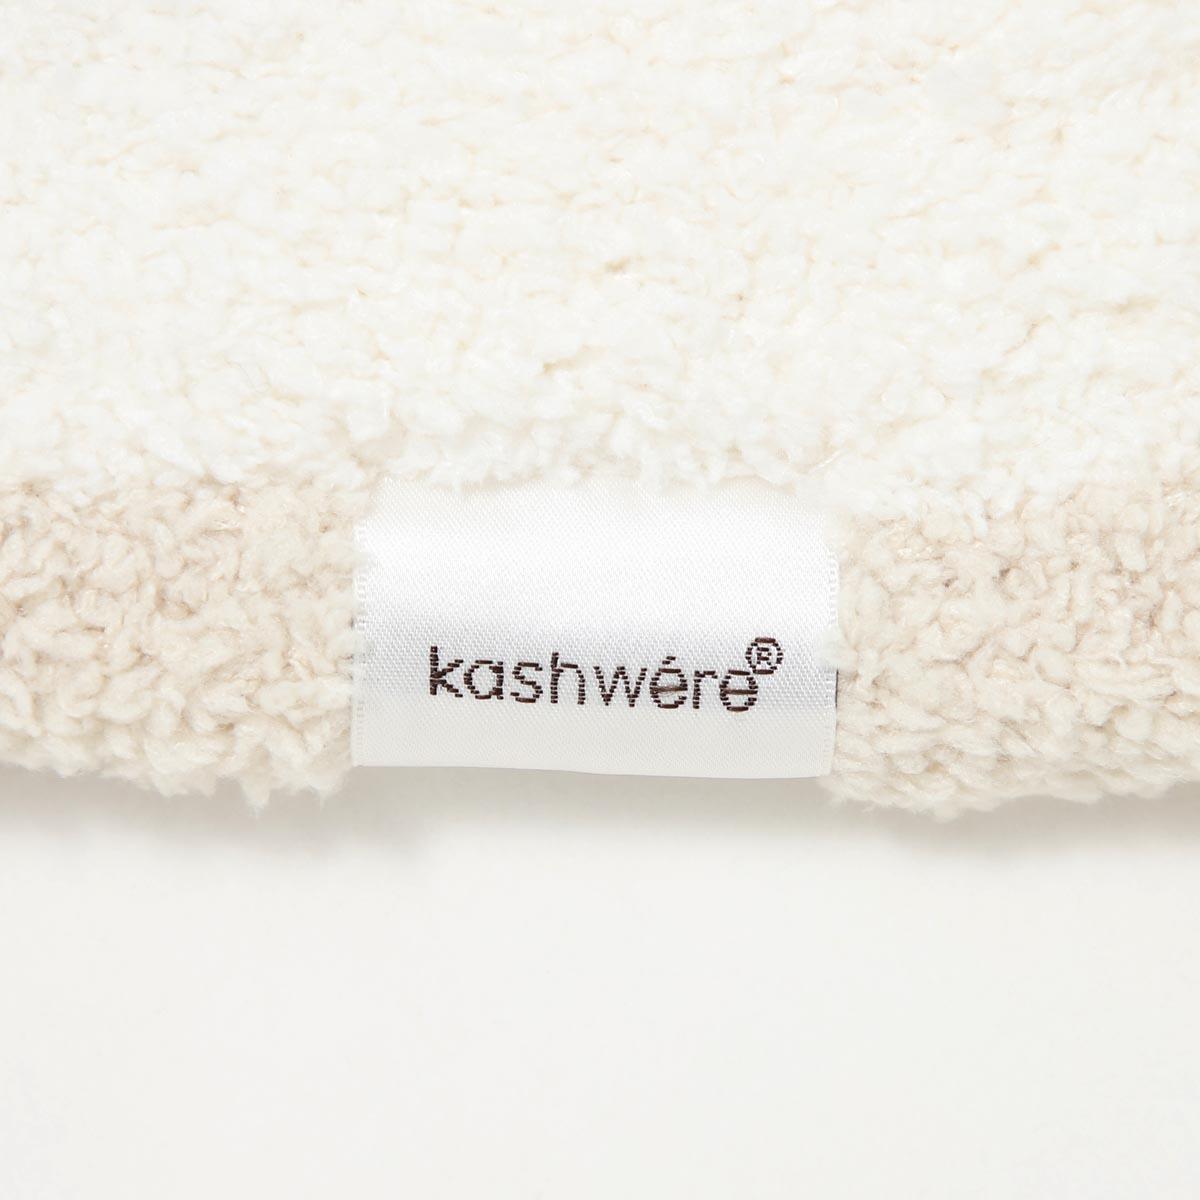 Kashwere カシウエア ピローカバー/YOU Matter